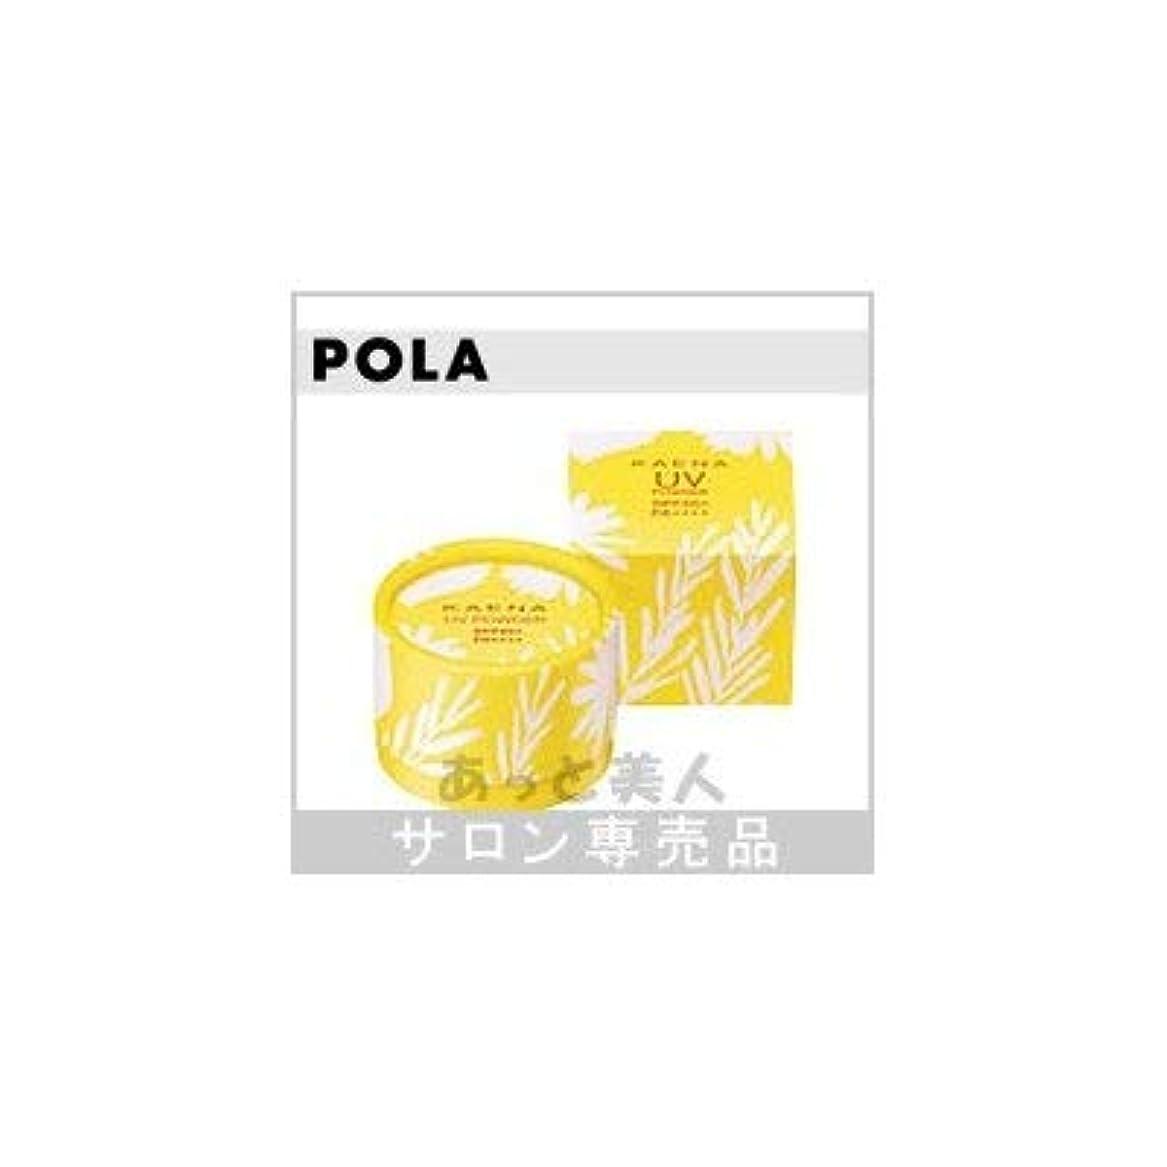 死傷者わずかな知覚ポーラ カエナ UVパウダー 6.5g (SPF50+ PA++++)